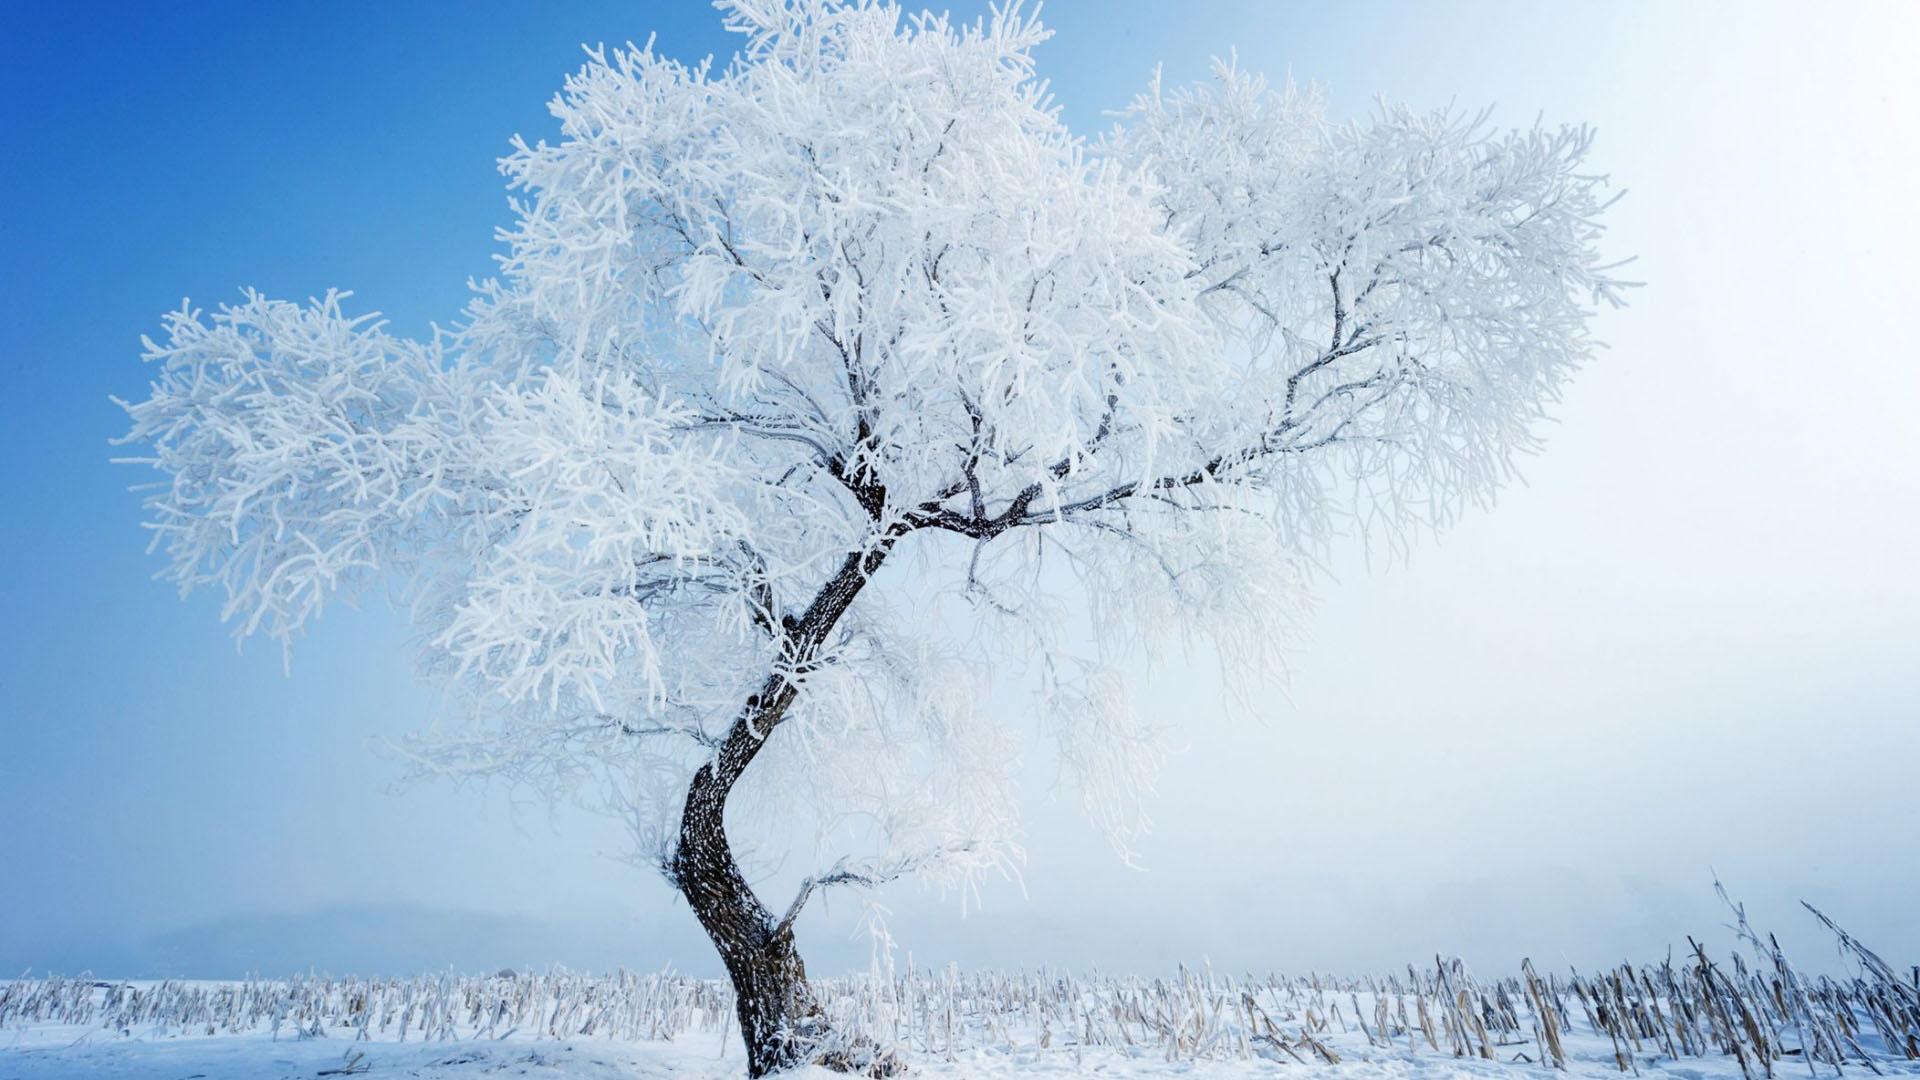 Hình nền mùa đông lạnh lẽo